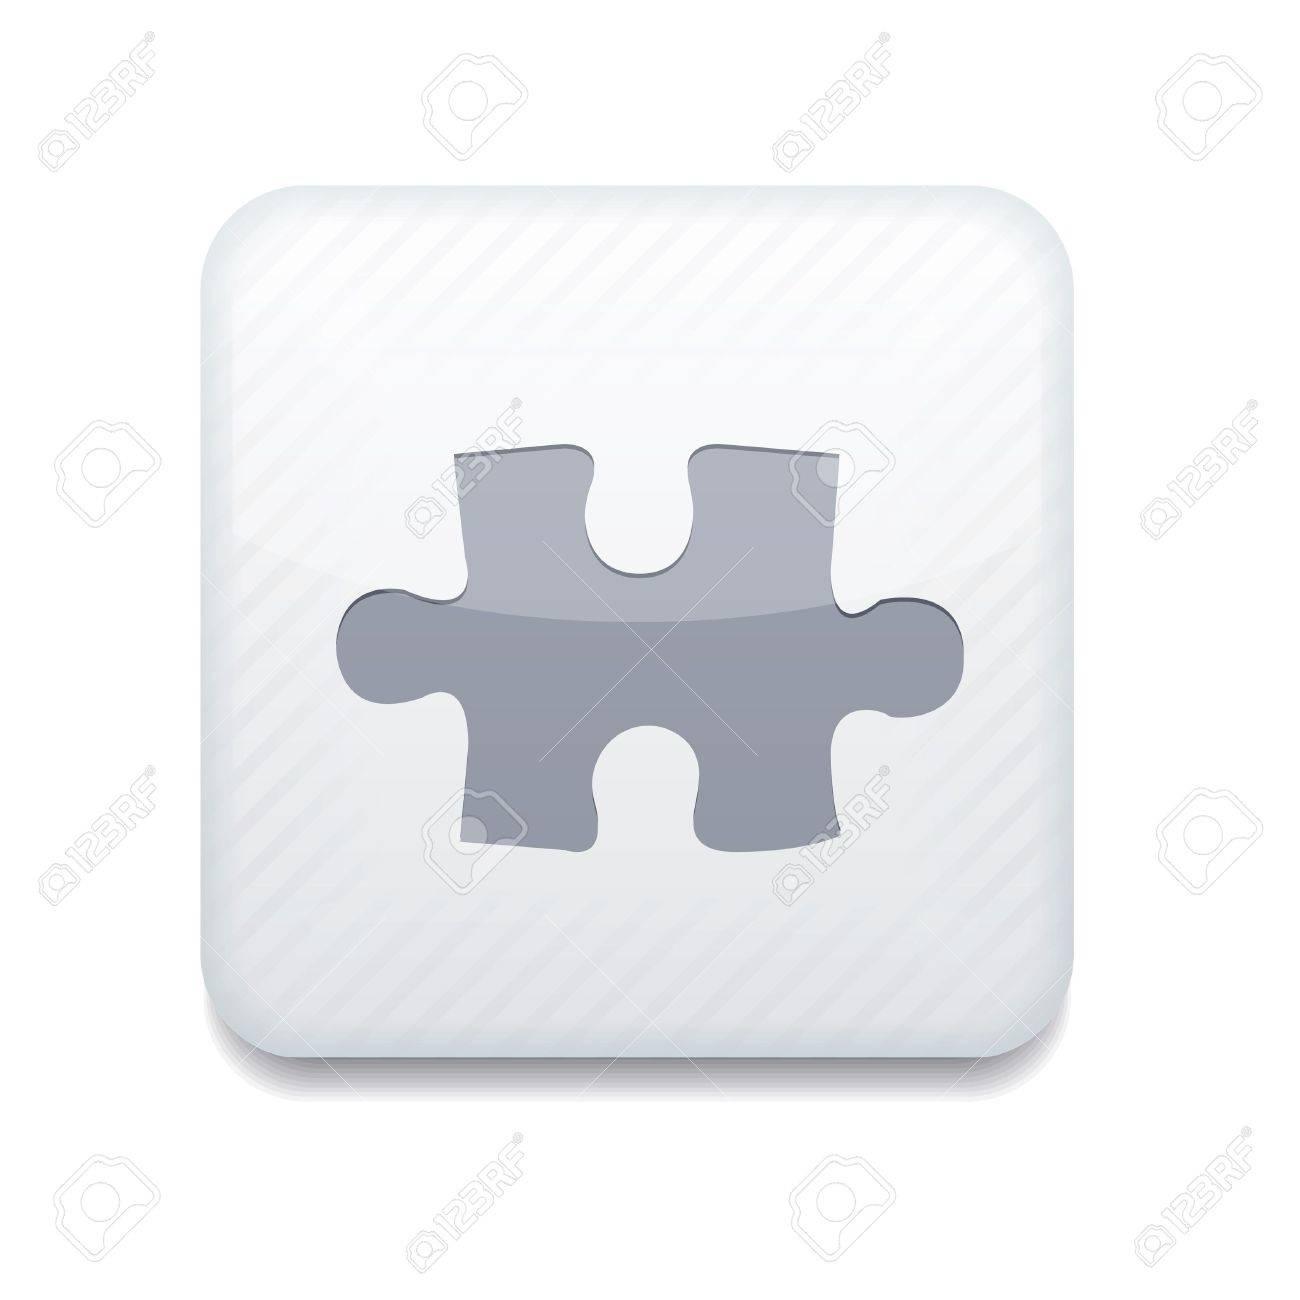 white puzzle icon. - 15951731